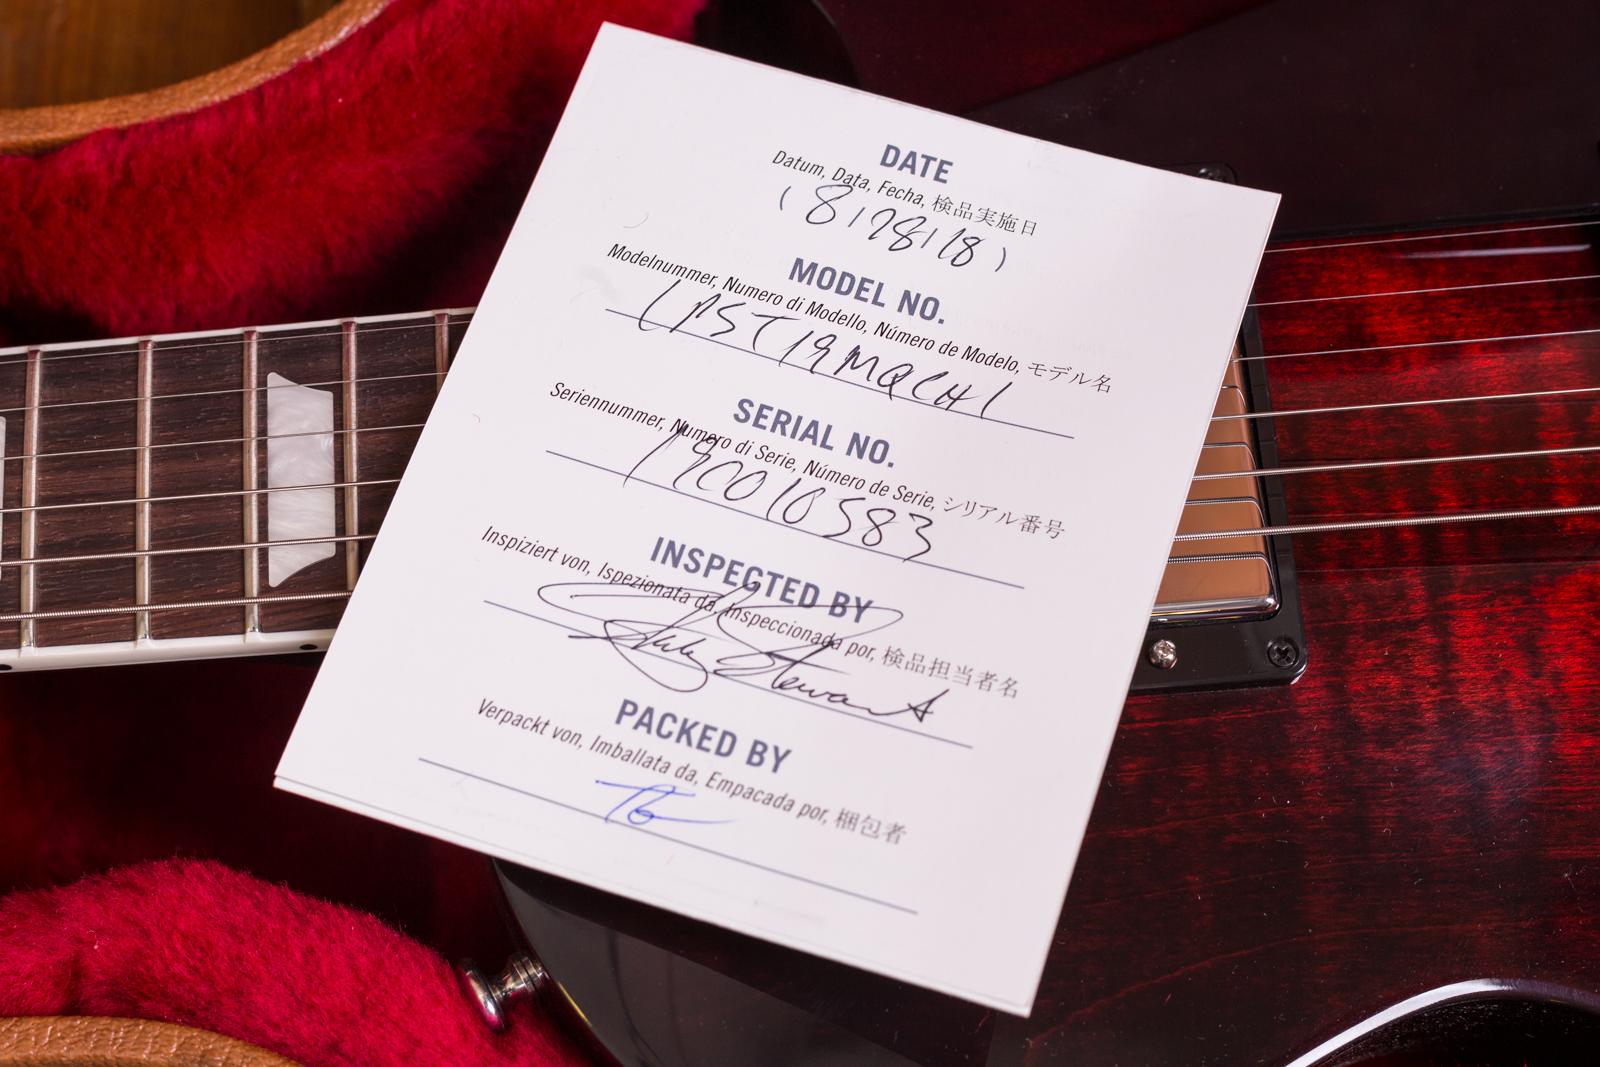 Gibson Les Paul seriell dating 24 år gammal dating 12 år gammal 2014